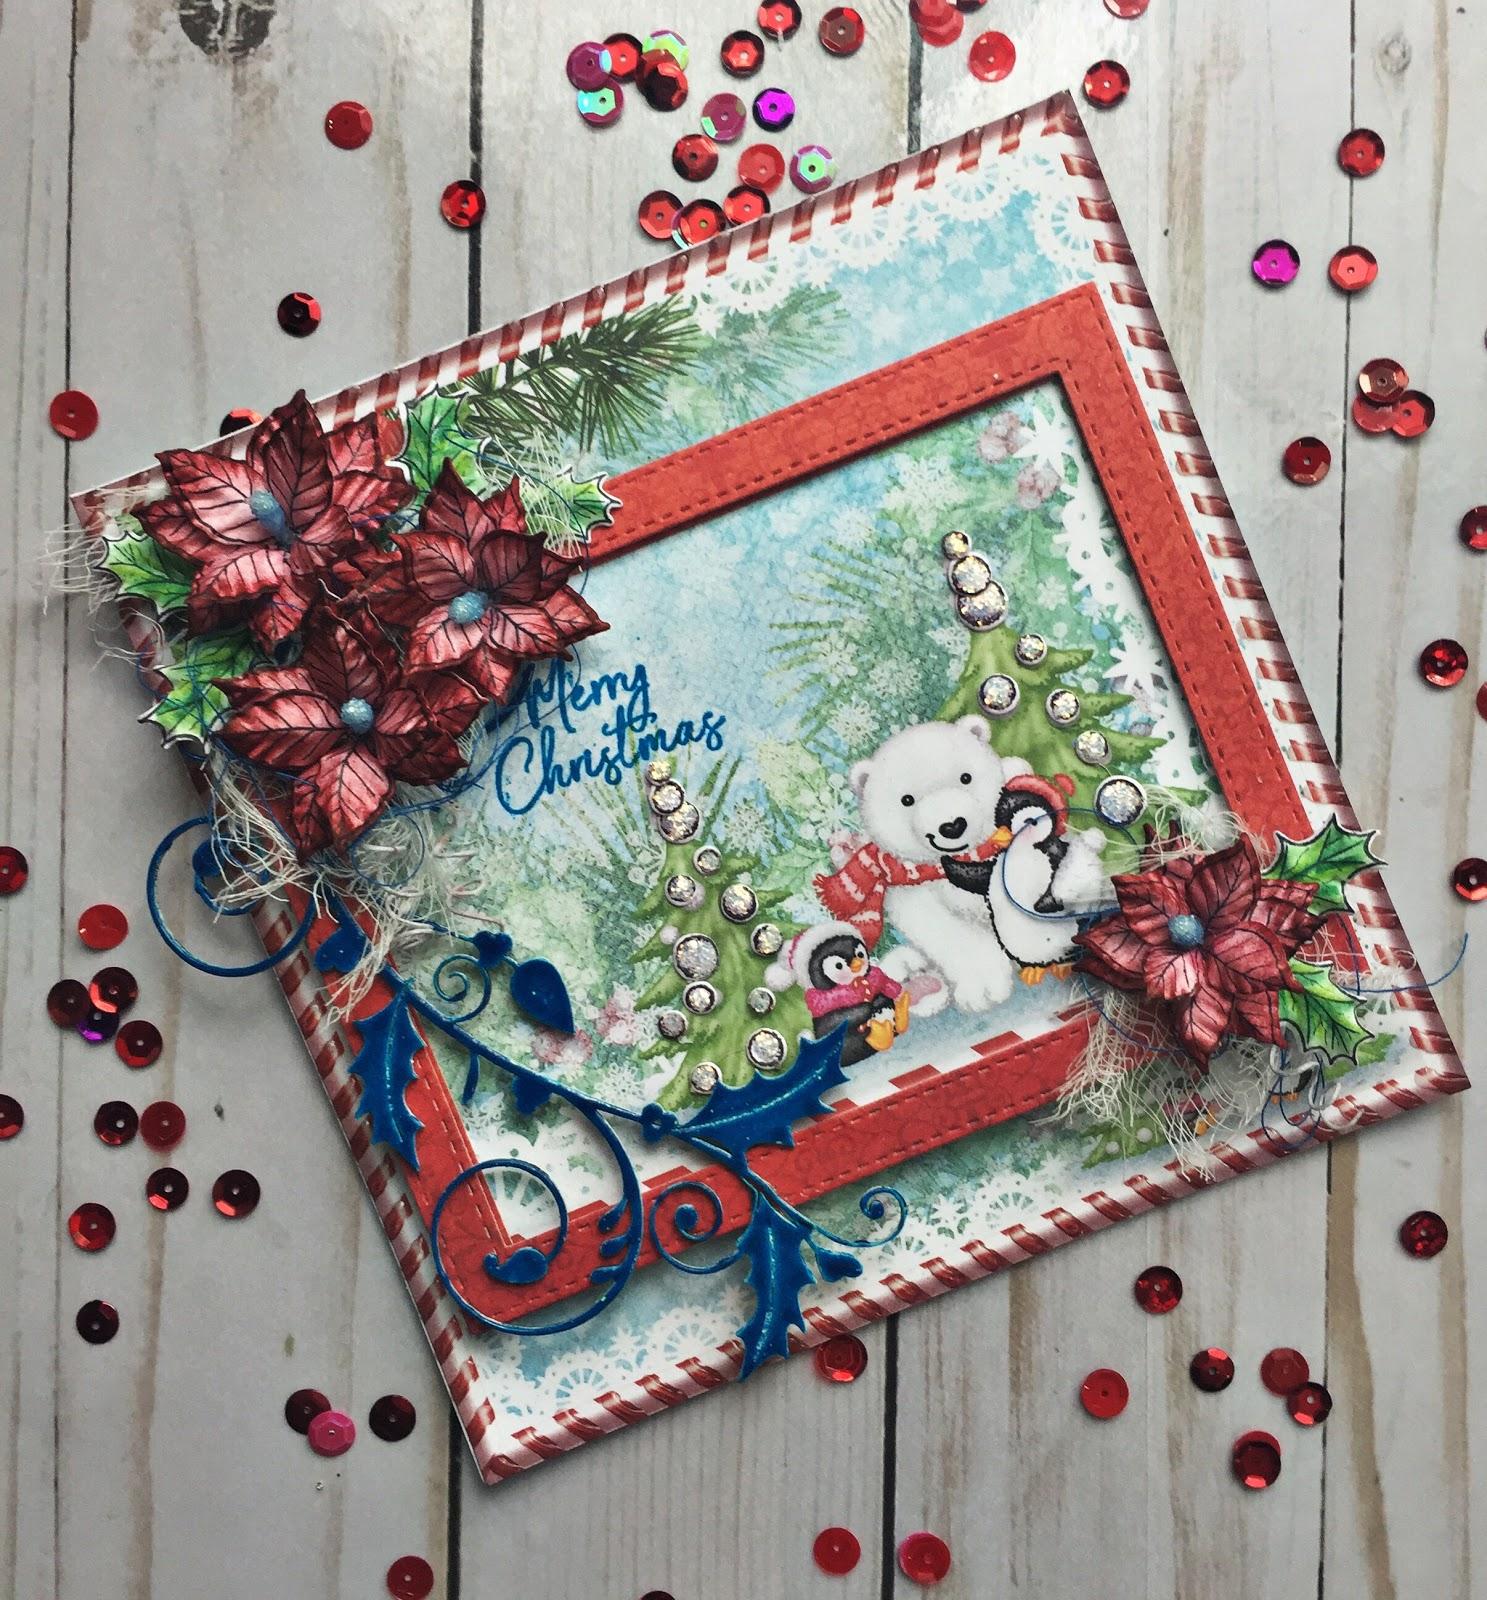 Le Blog de Plumo: Une autre carte de Noel